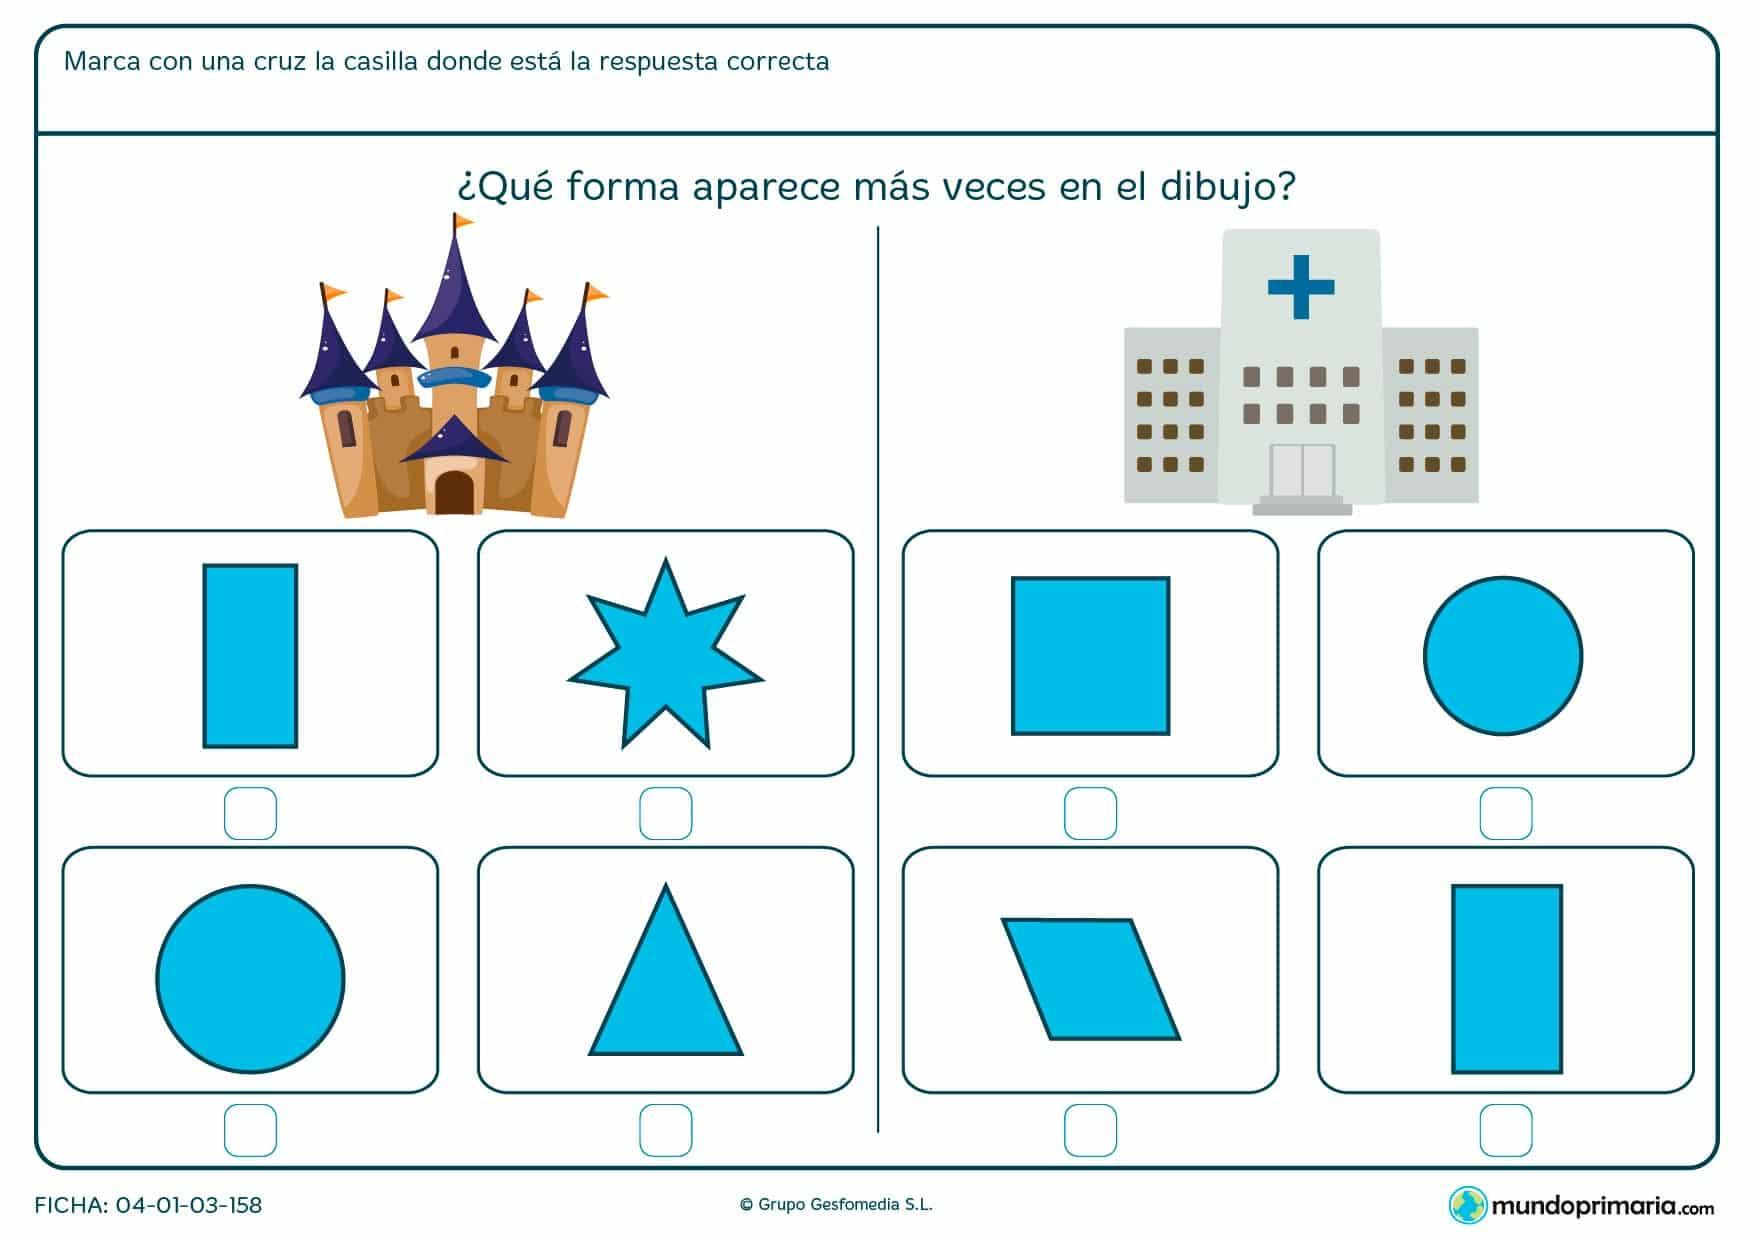 Ficha de forma de triángulo y más, señala que figura aparece más en cada dibujo.